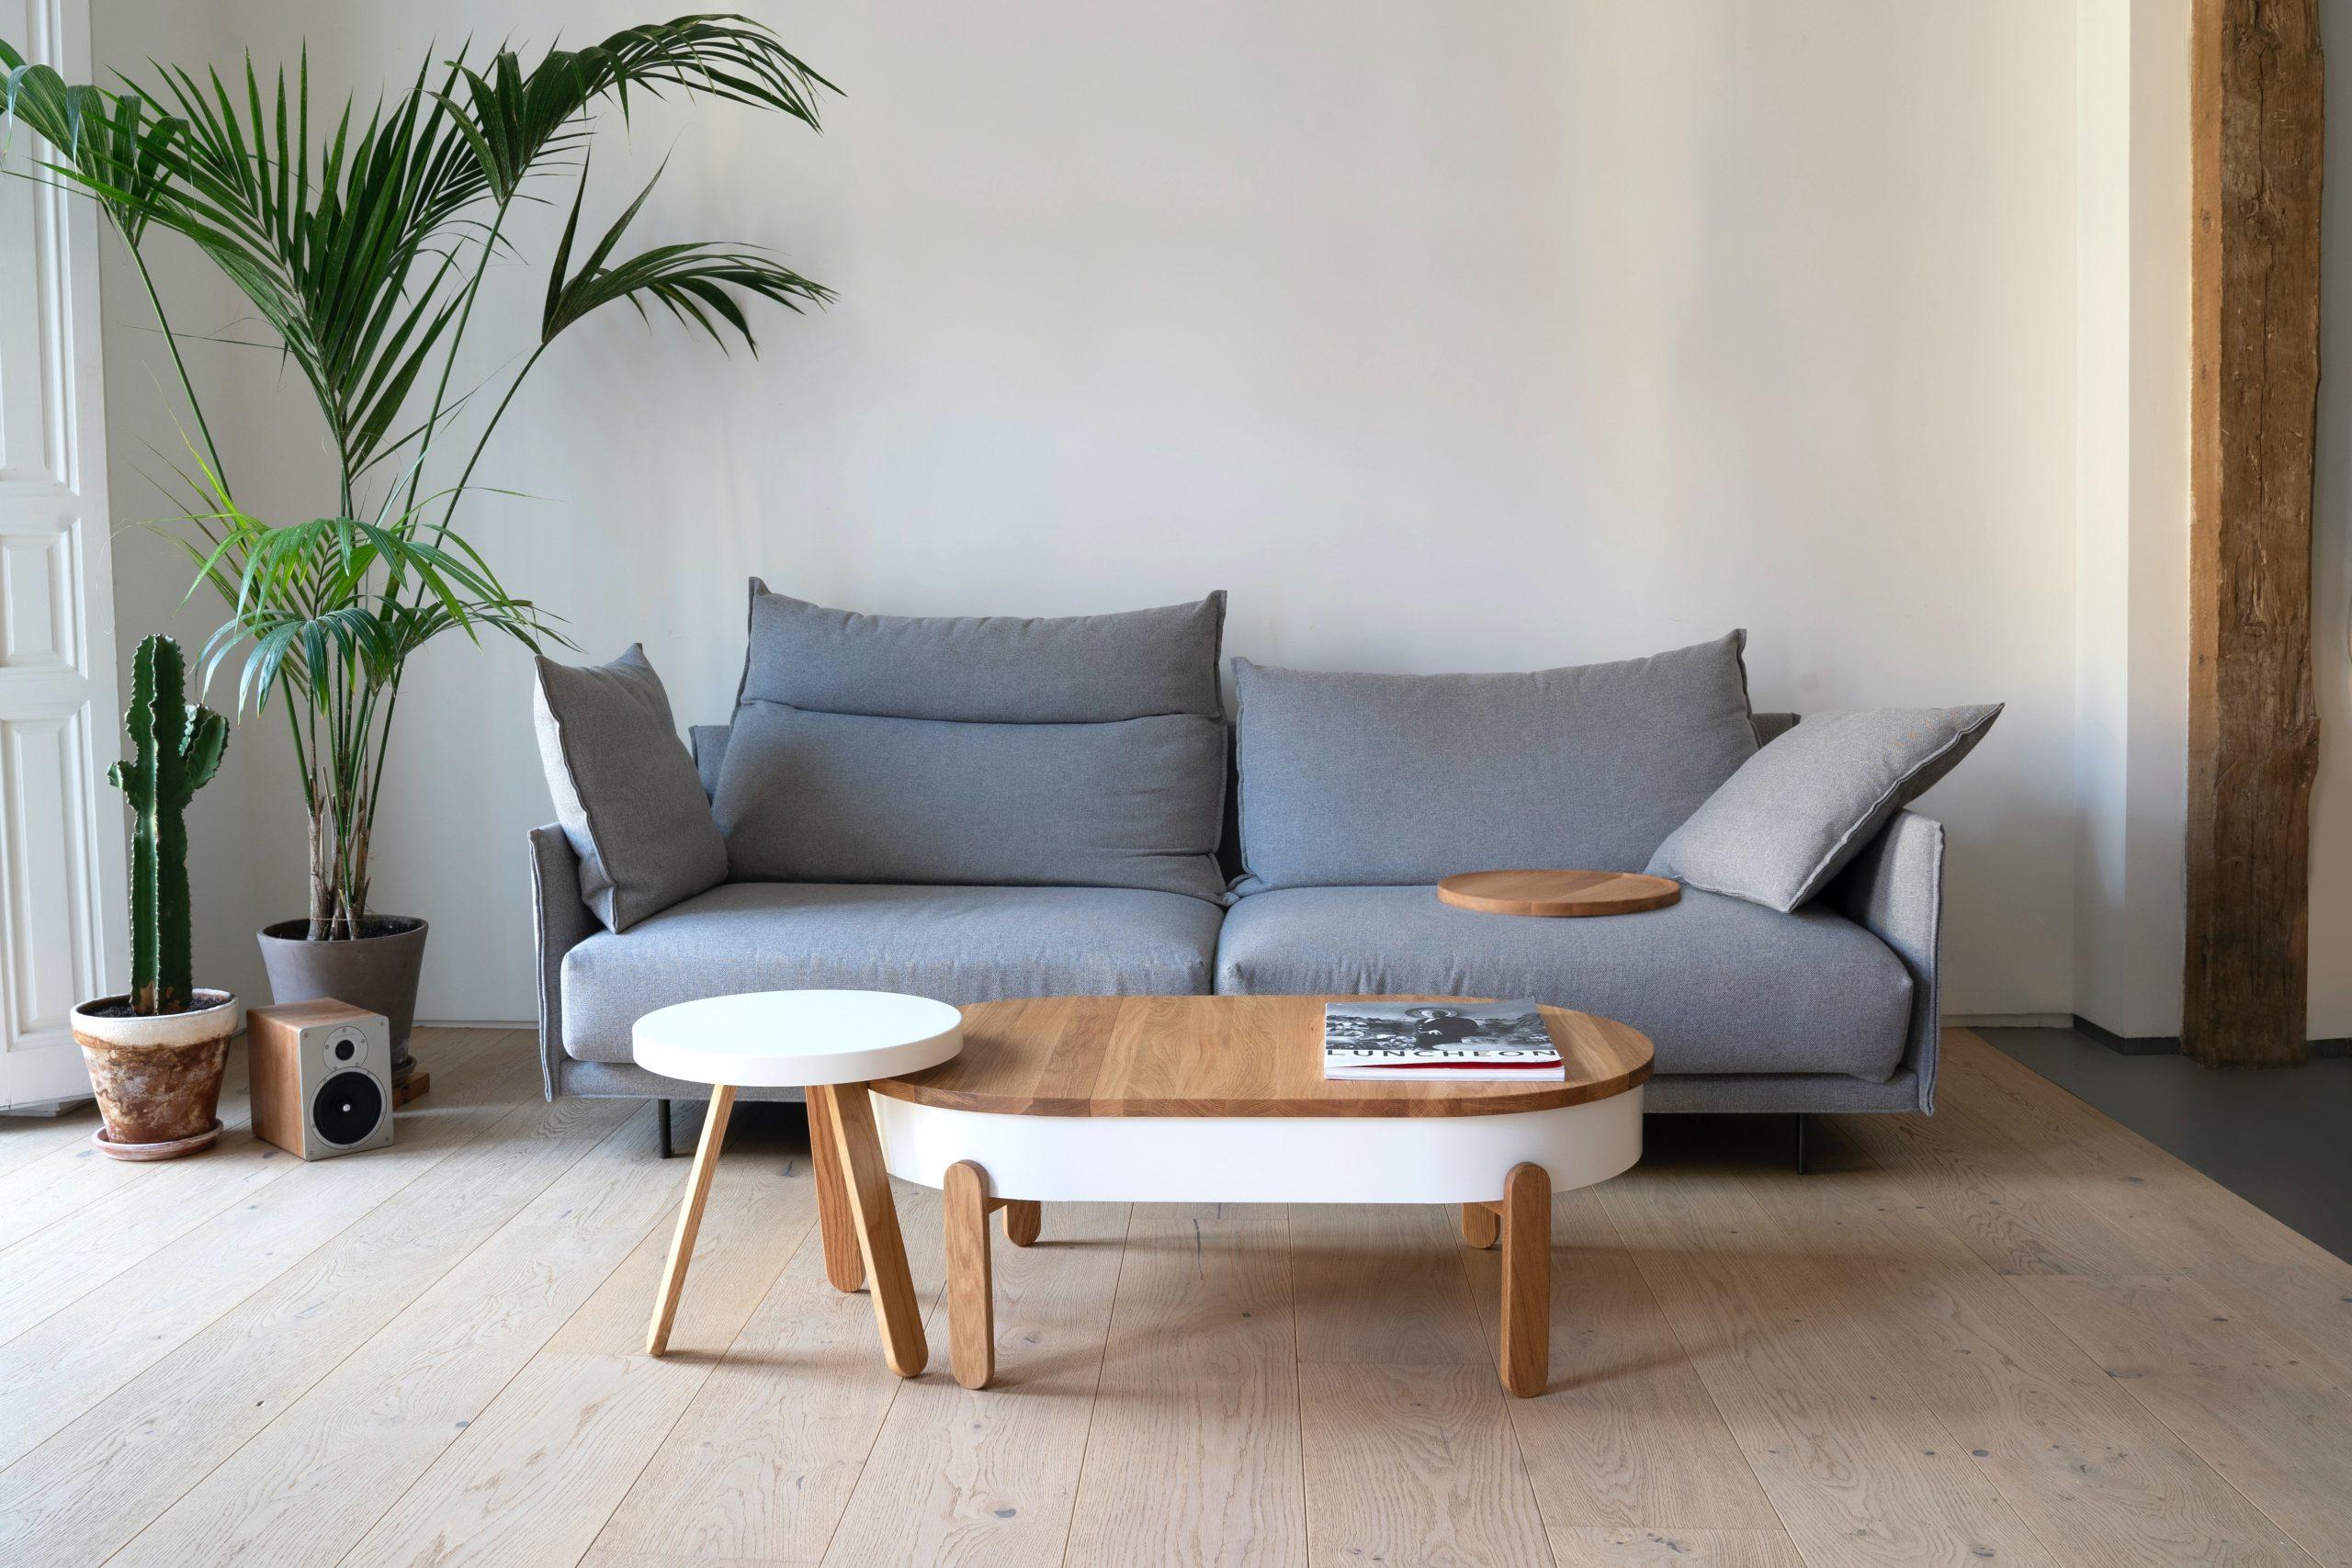 Maison ou appartement : quel logement est fait pour vous ?